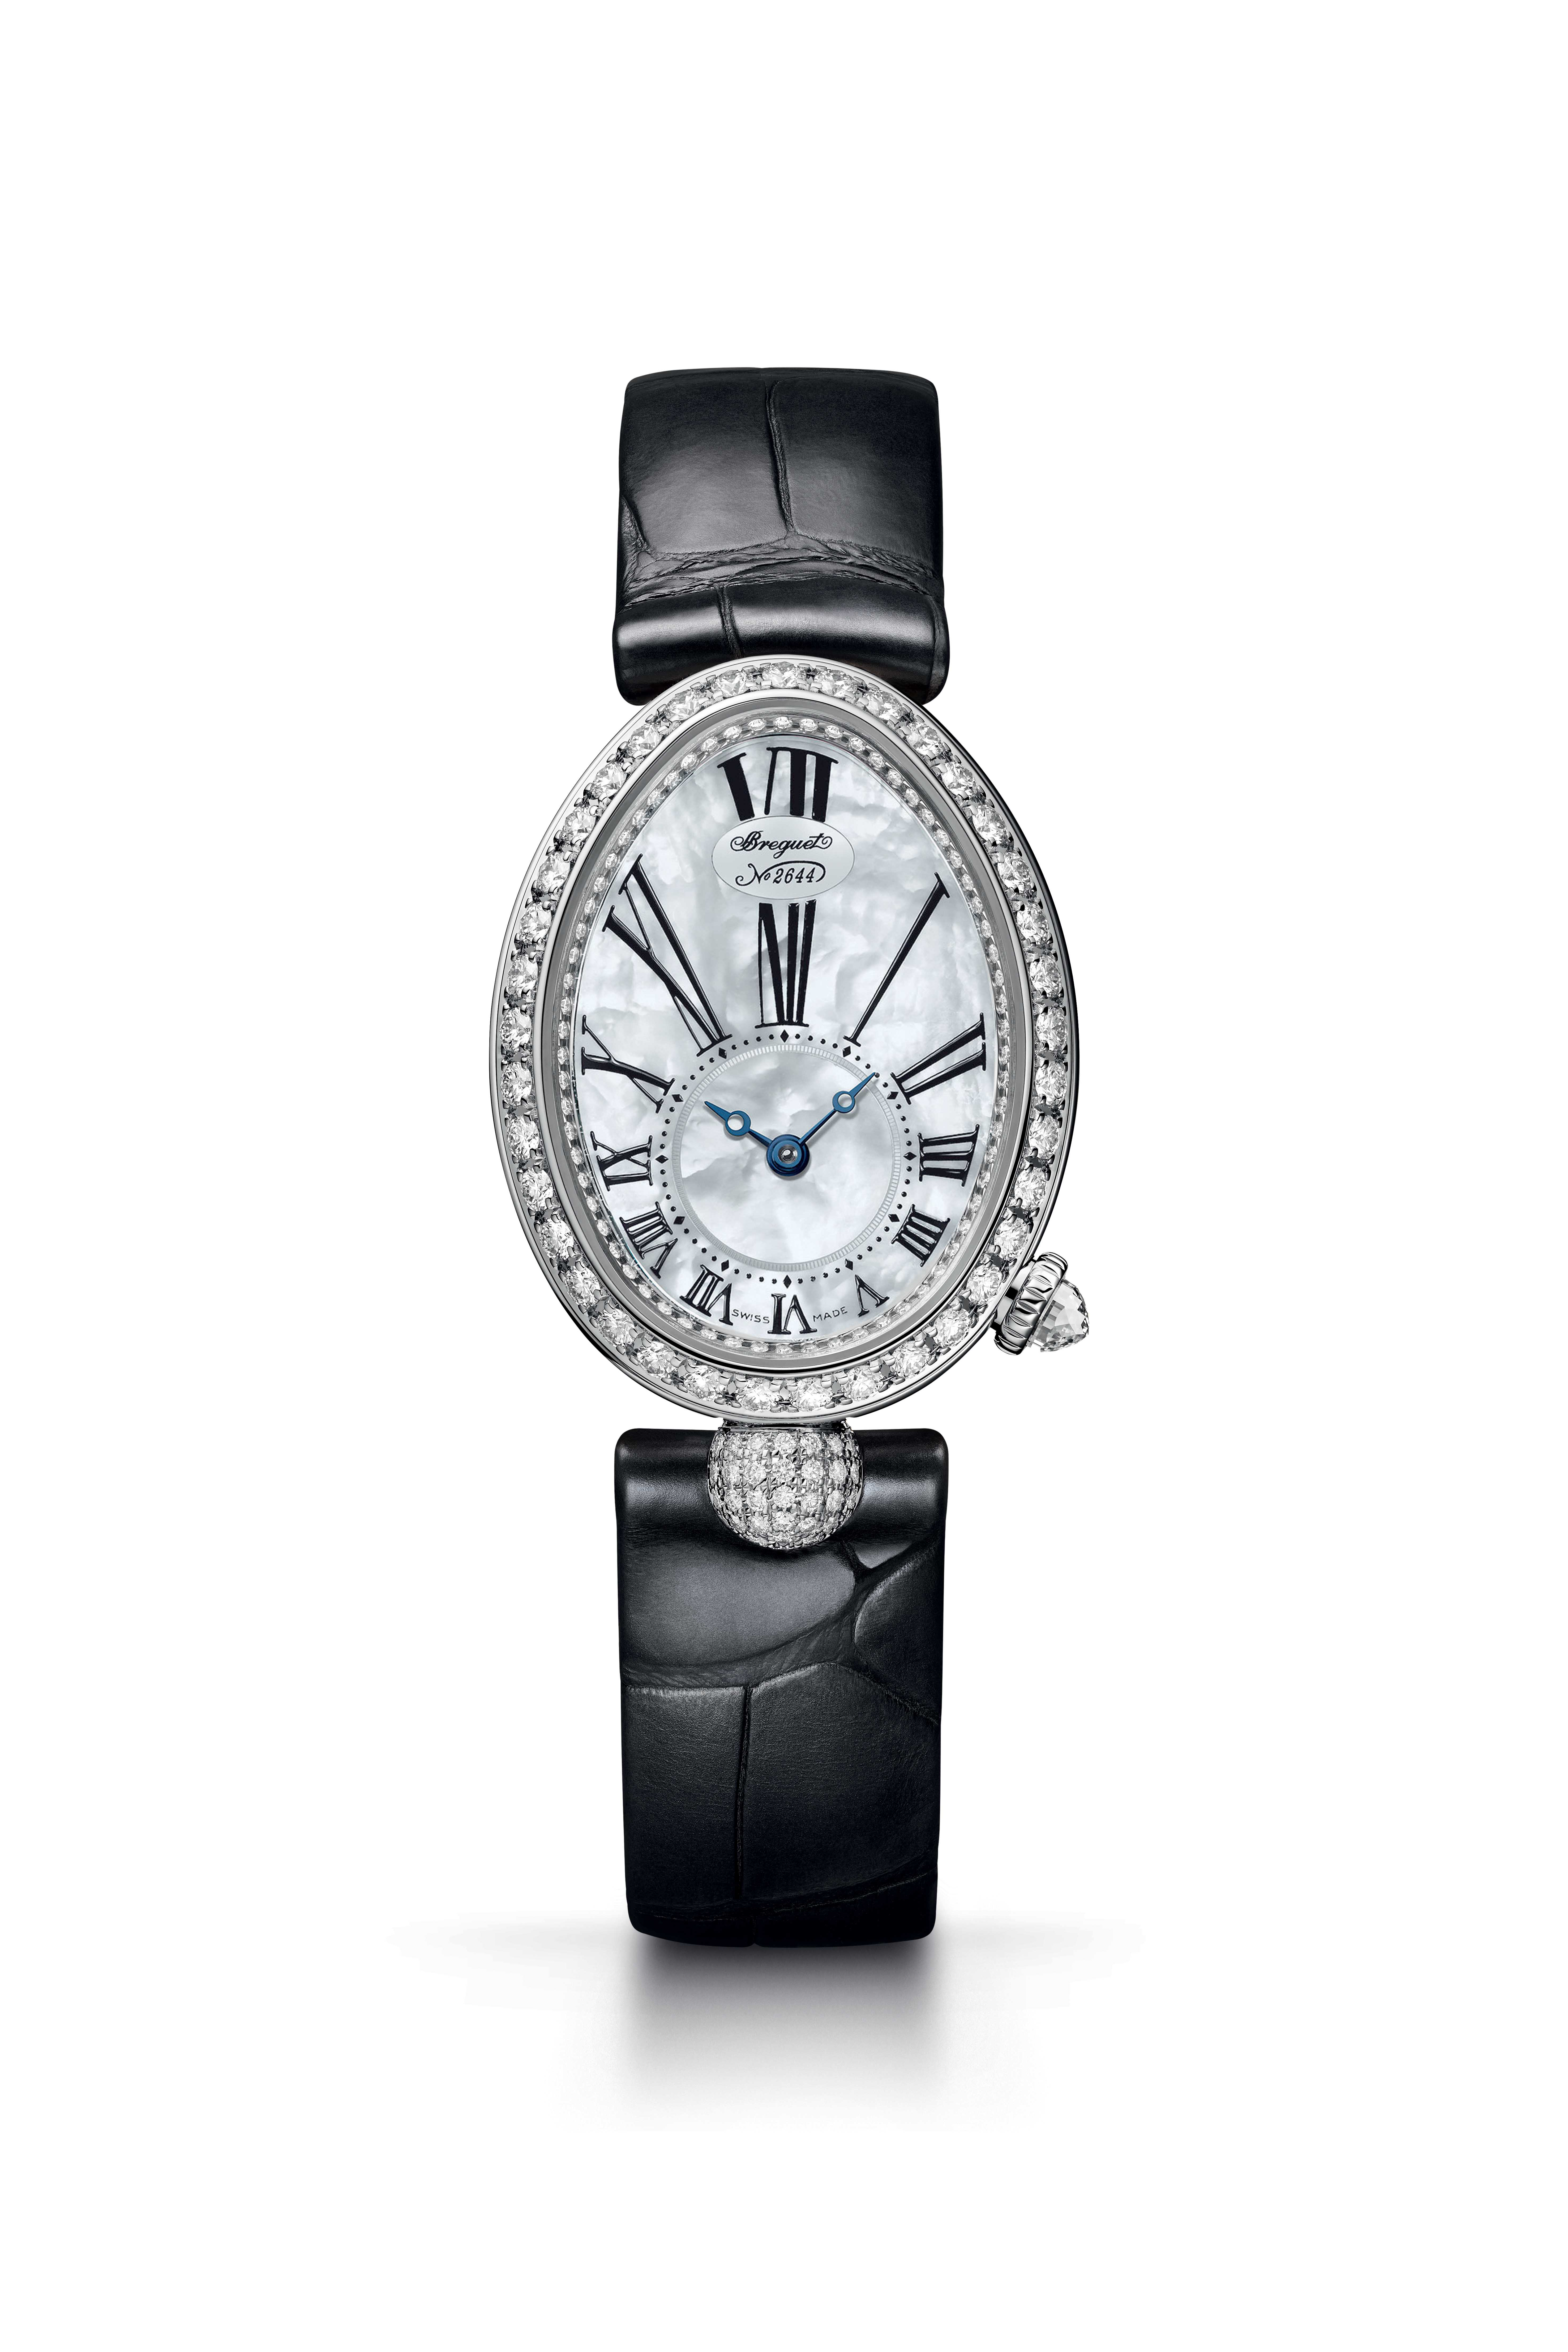 ブレゲ(BREGUET) クイーンオブネイプルズ | ブランド腕時計の正規販売 ...